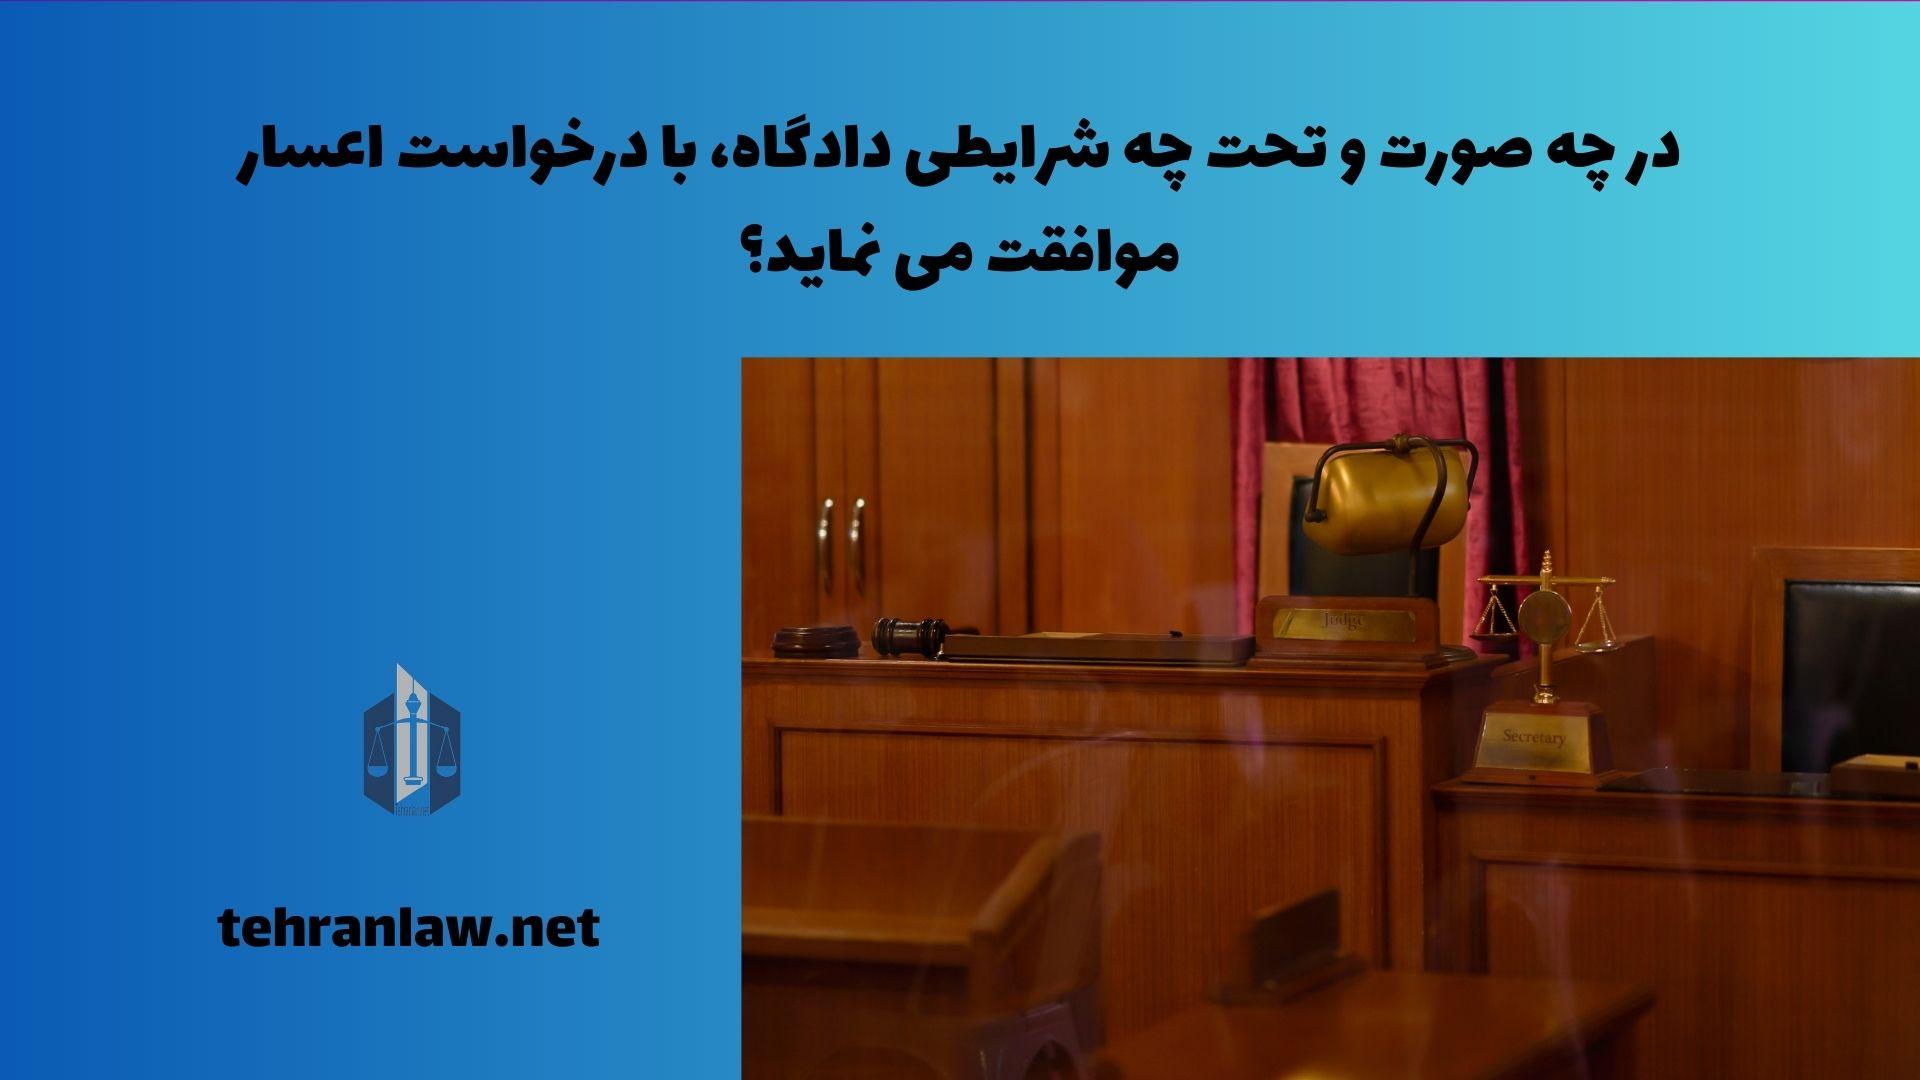 در چه صورت و تحت چه شرایطی دادگاه، با درخواست اعسار موافقت می نماید؟